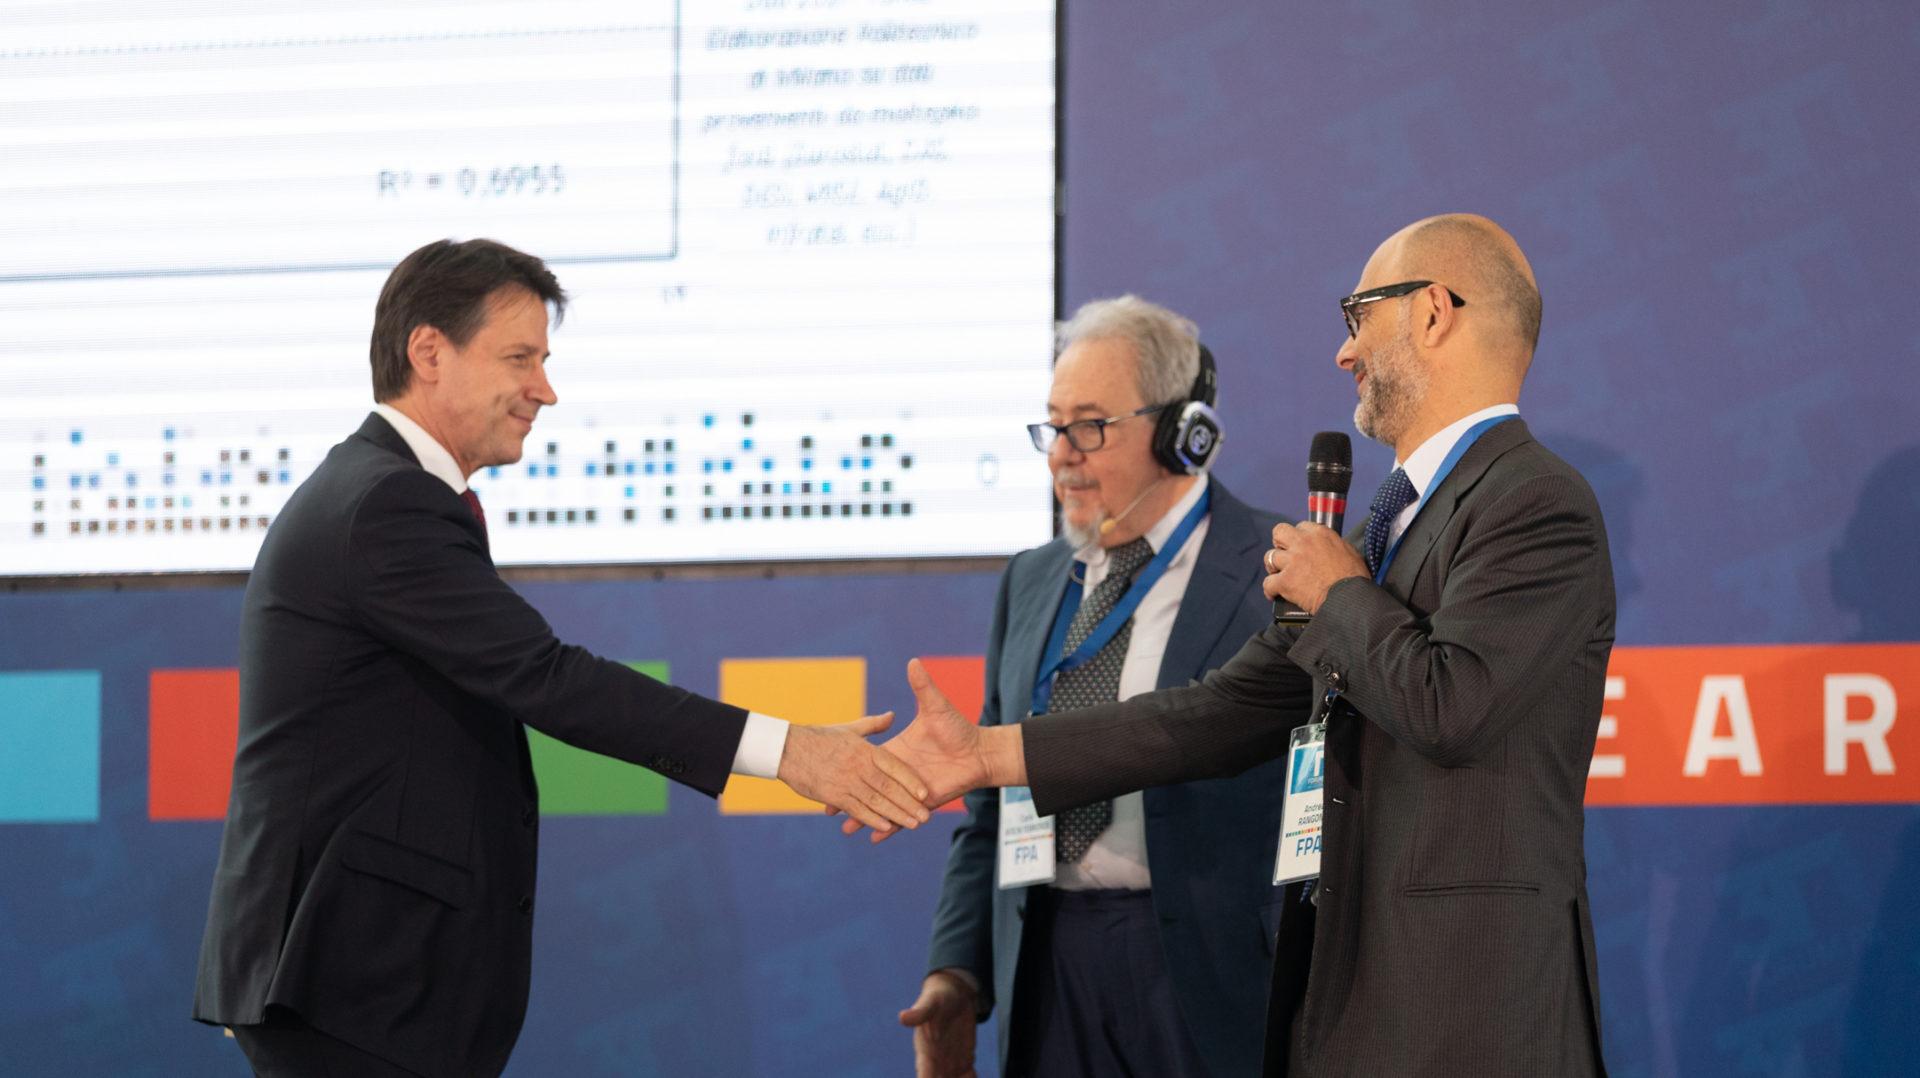 """Il premier Conte al Forum PA: """"Impegnati a cogliere l'opportunità digitale"""" - CorCom"""